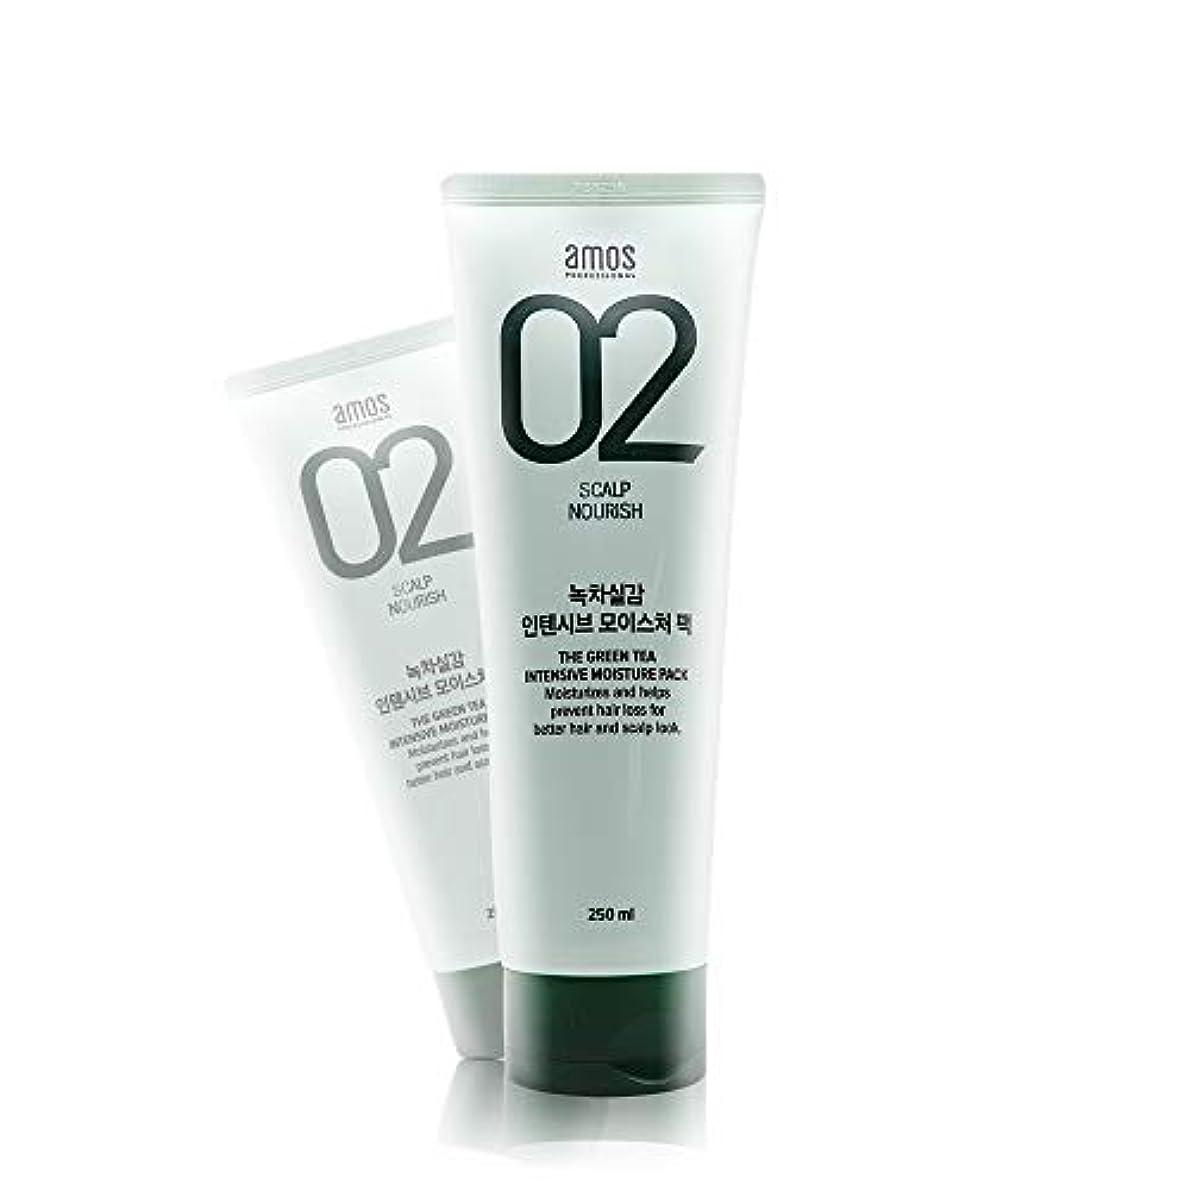 仮定リズミカルな高音アモス AMOS 緑茶実感インテンシブモイスチャーパック 250g, Feel the Green Tea Intensive Moisture Hair Pack